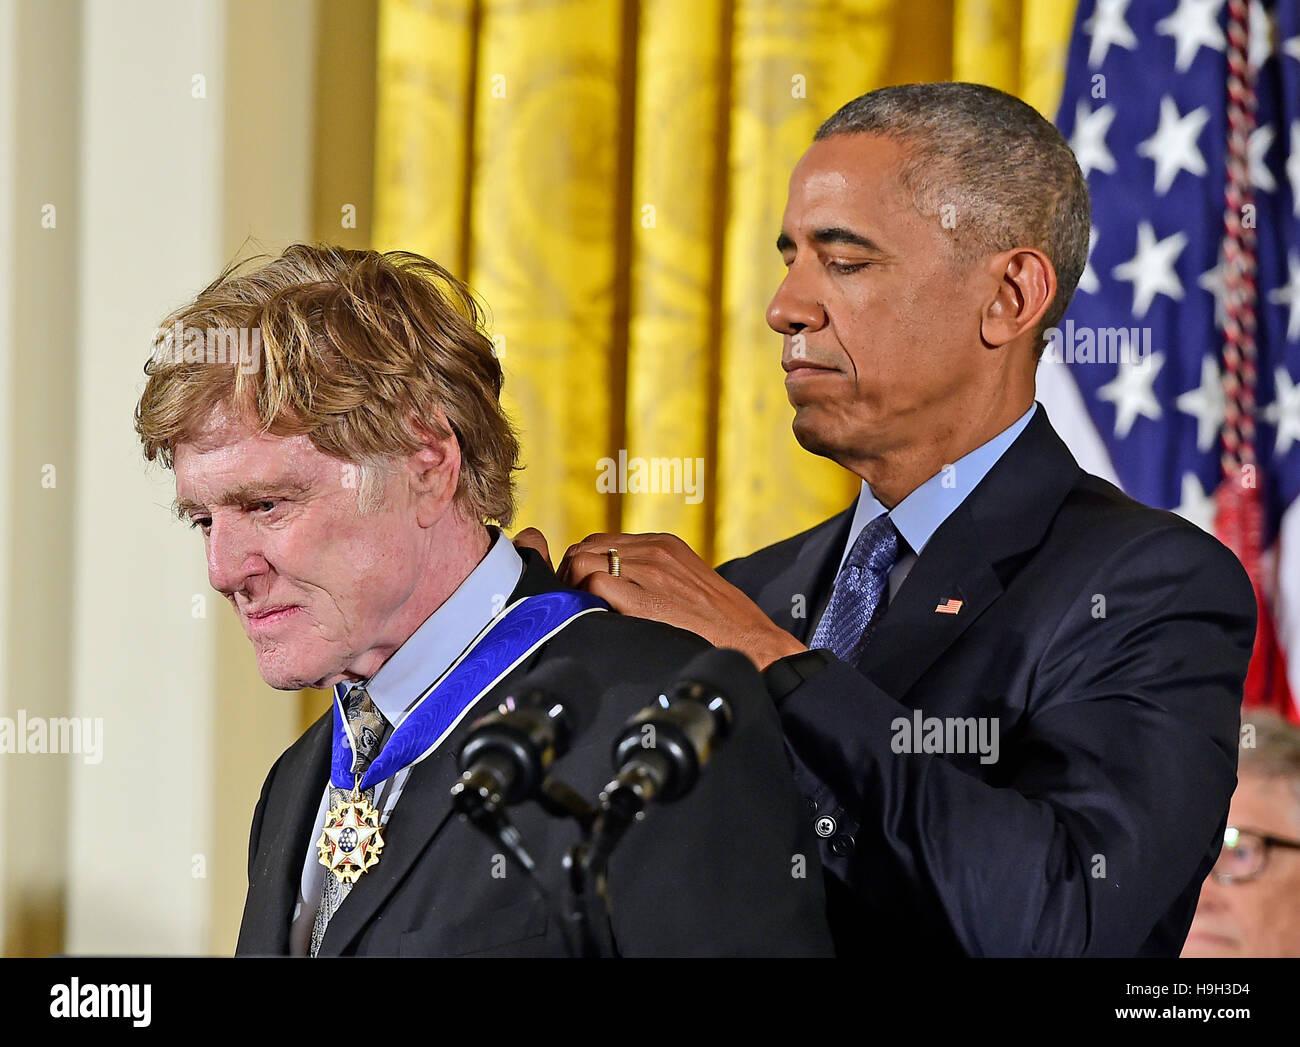 Il Presidente degli Stati Uniti Barack Obama presenta la medaglia presidenziale della libertà di attore, regista, Immagini Stock